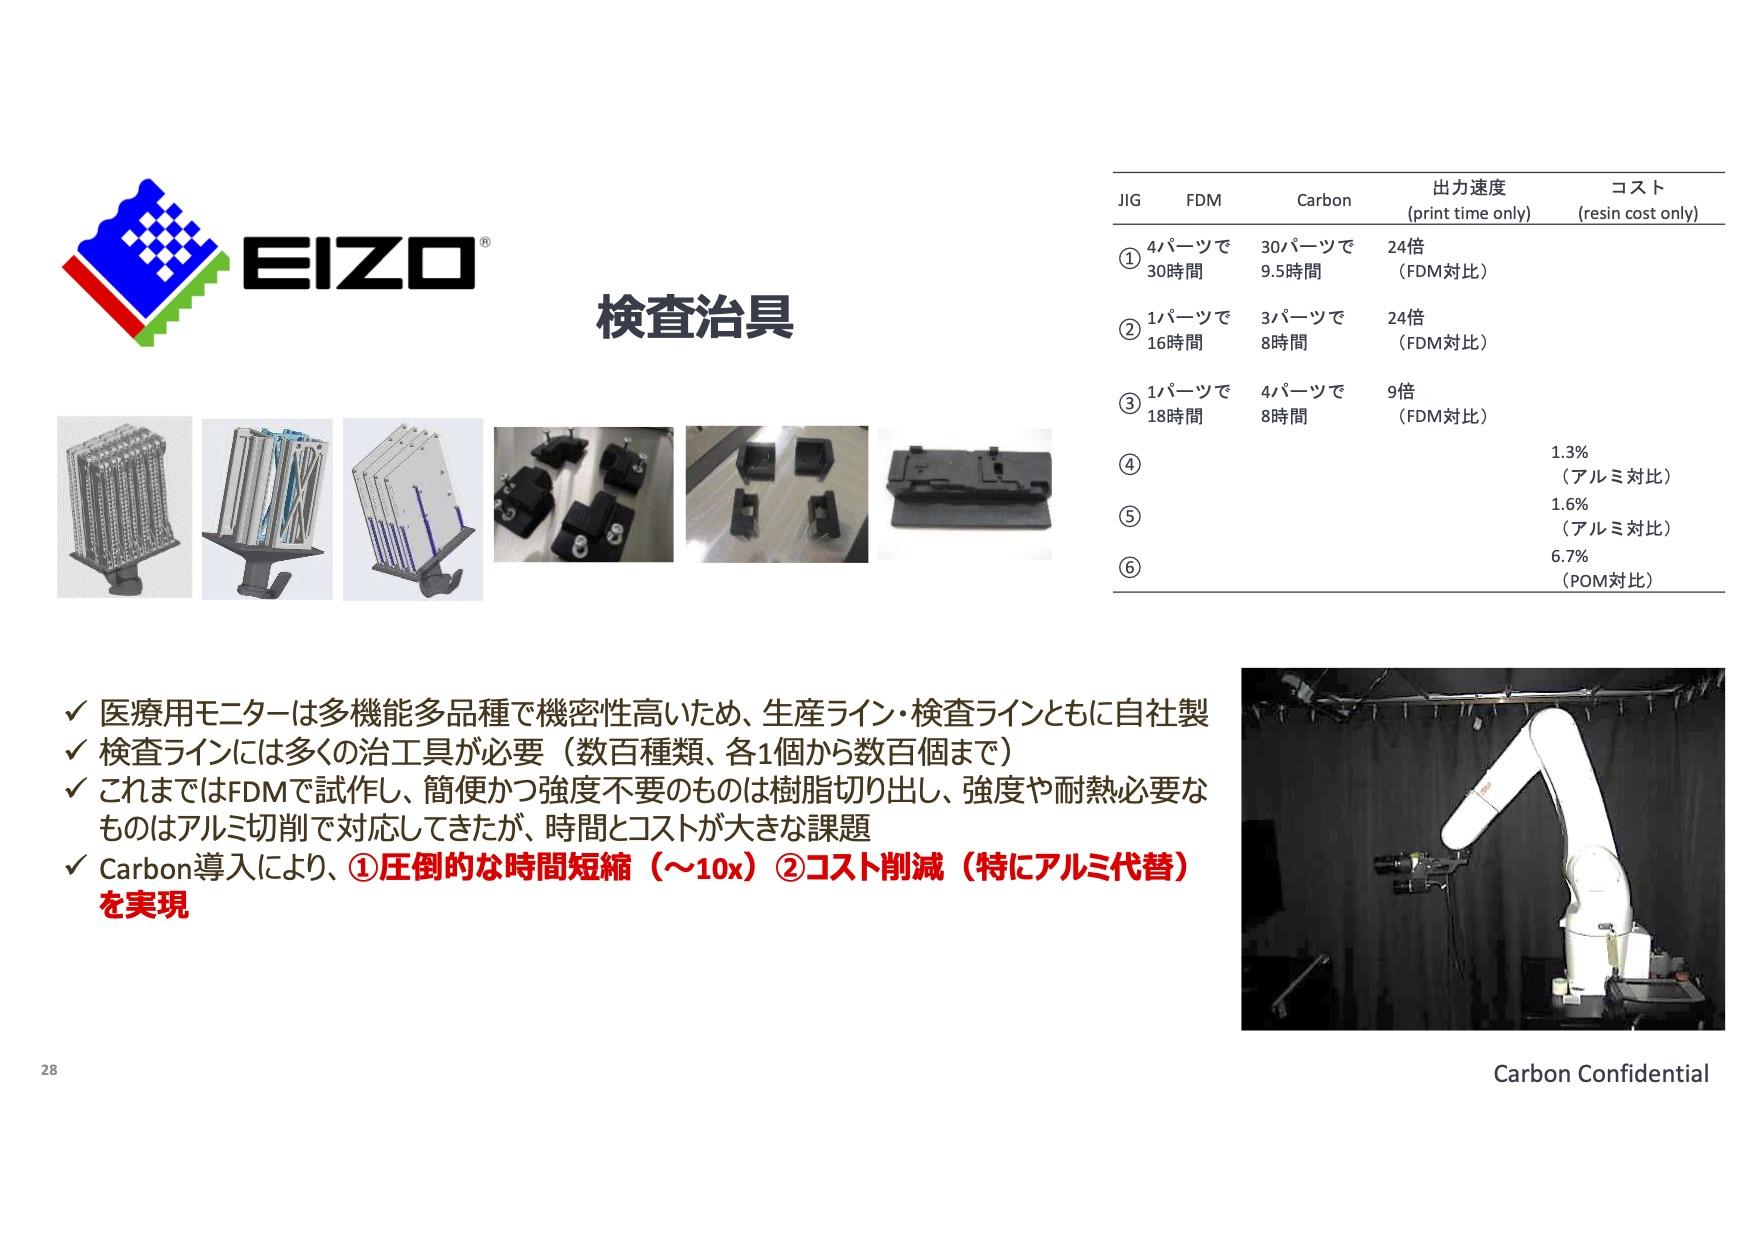 EIZO 検査治具の事例